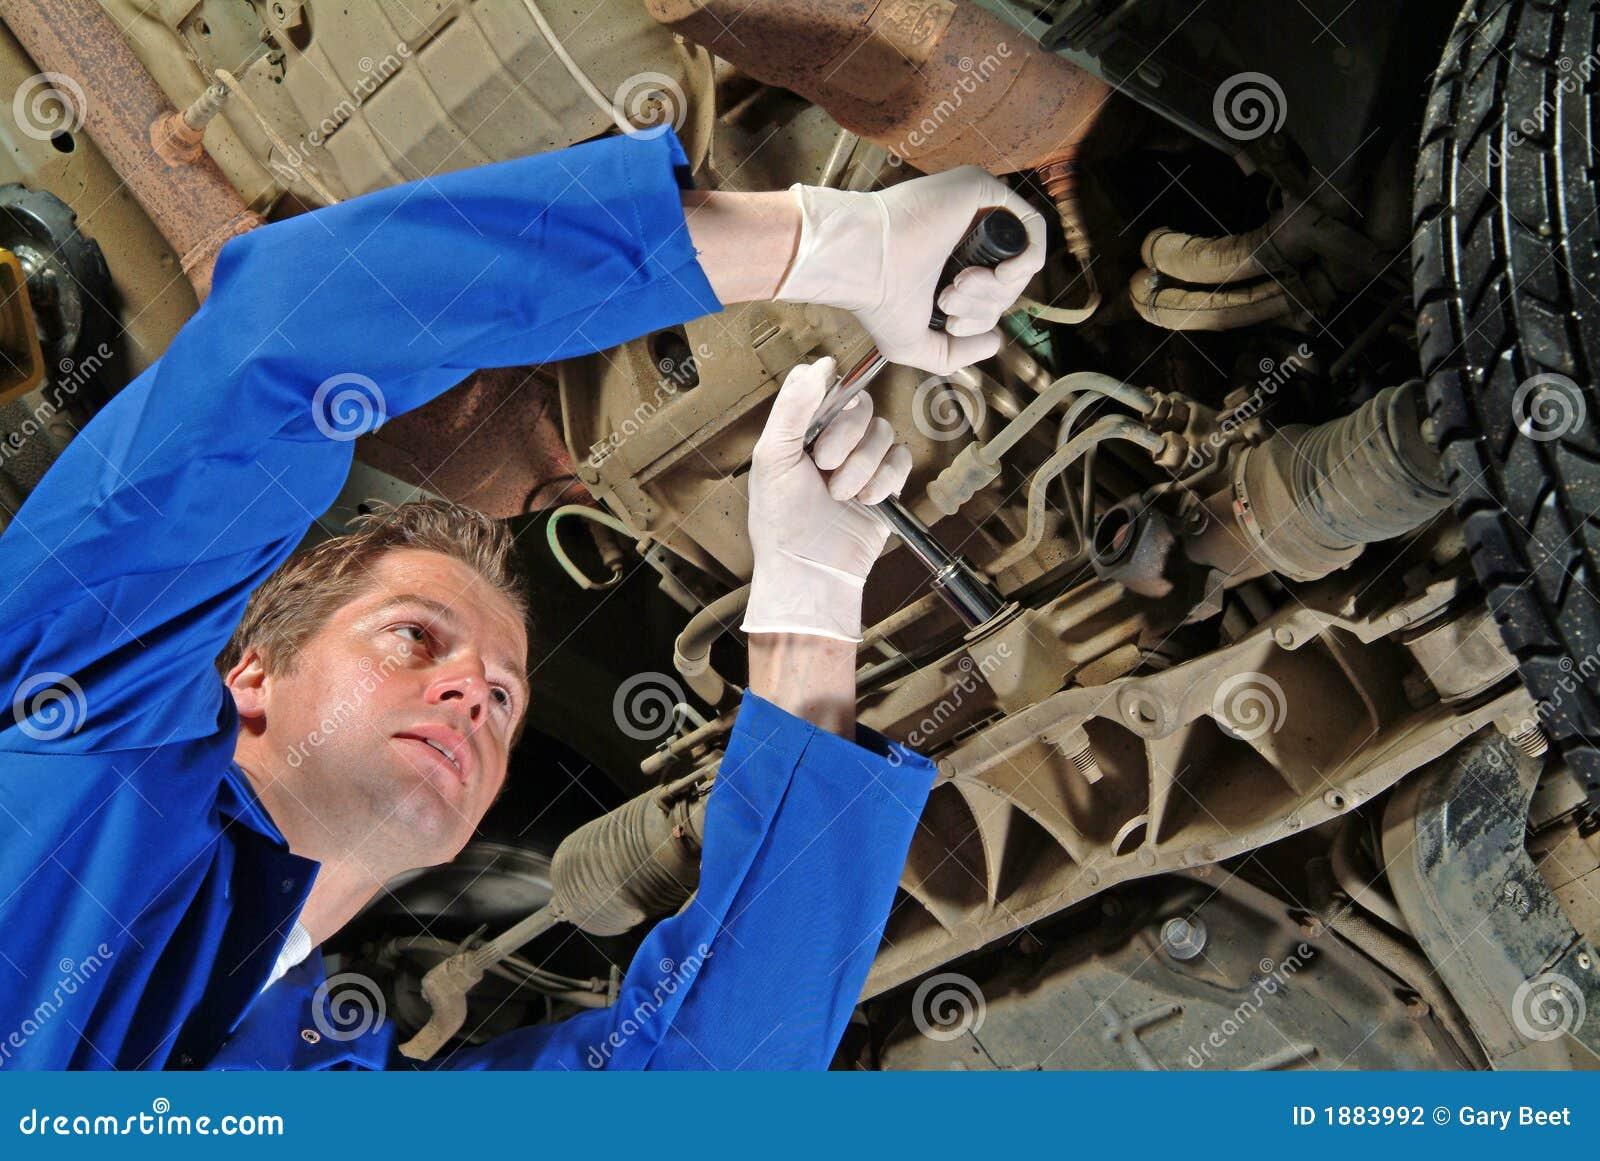 De werktuigkundige van de auto